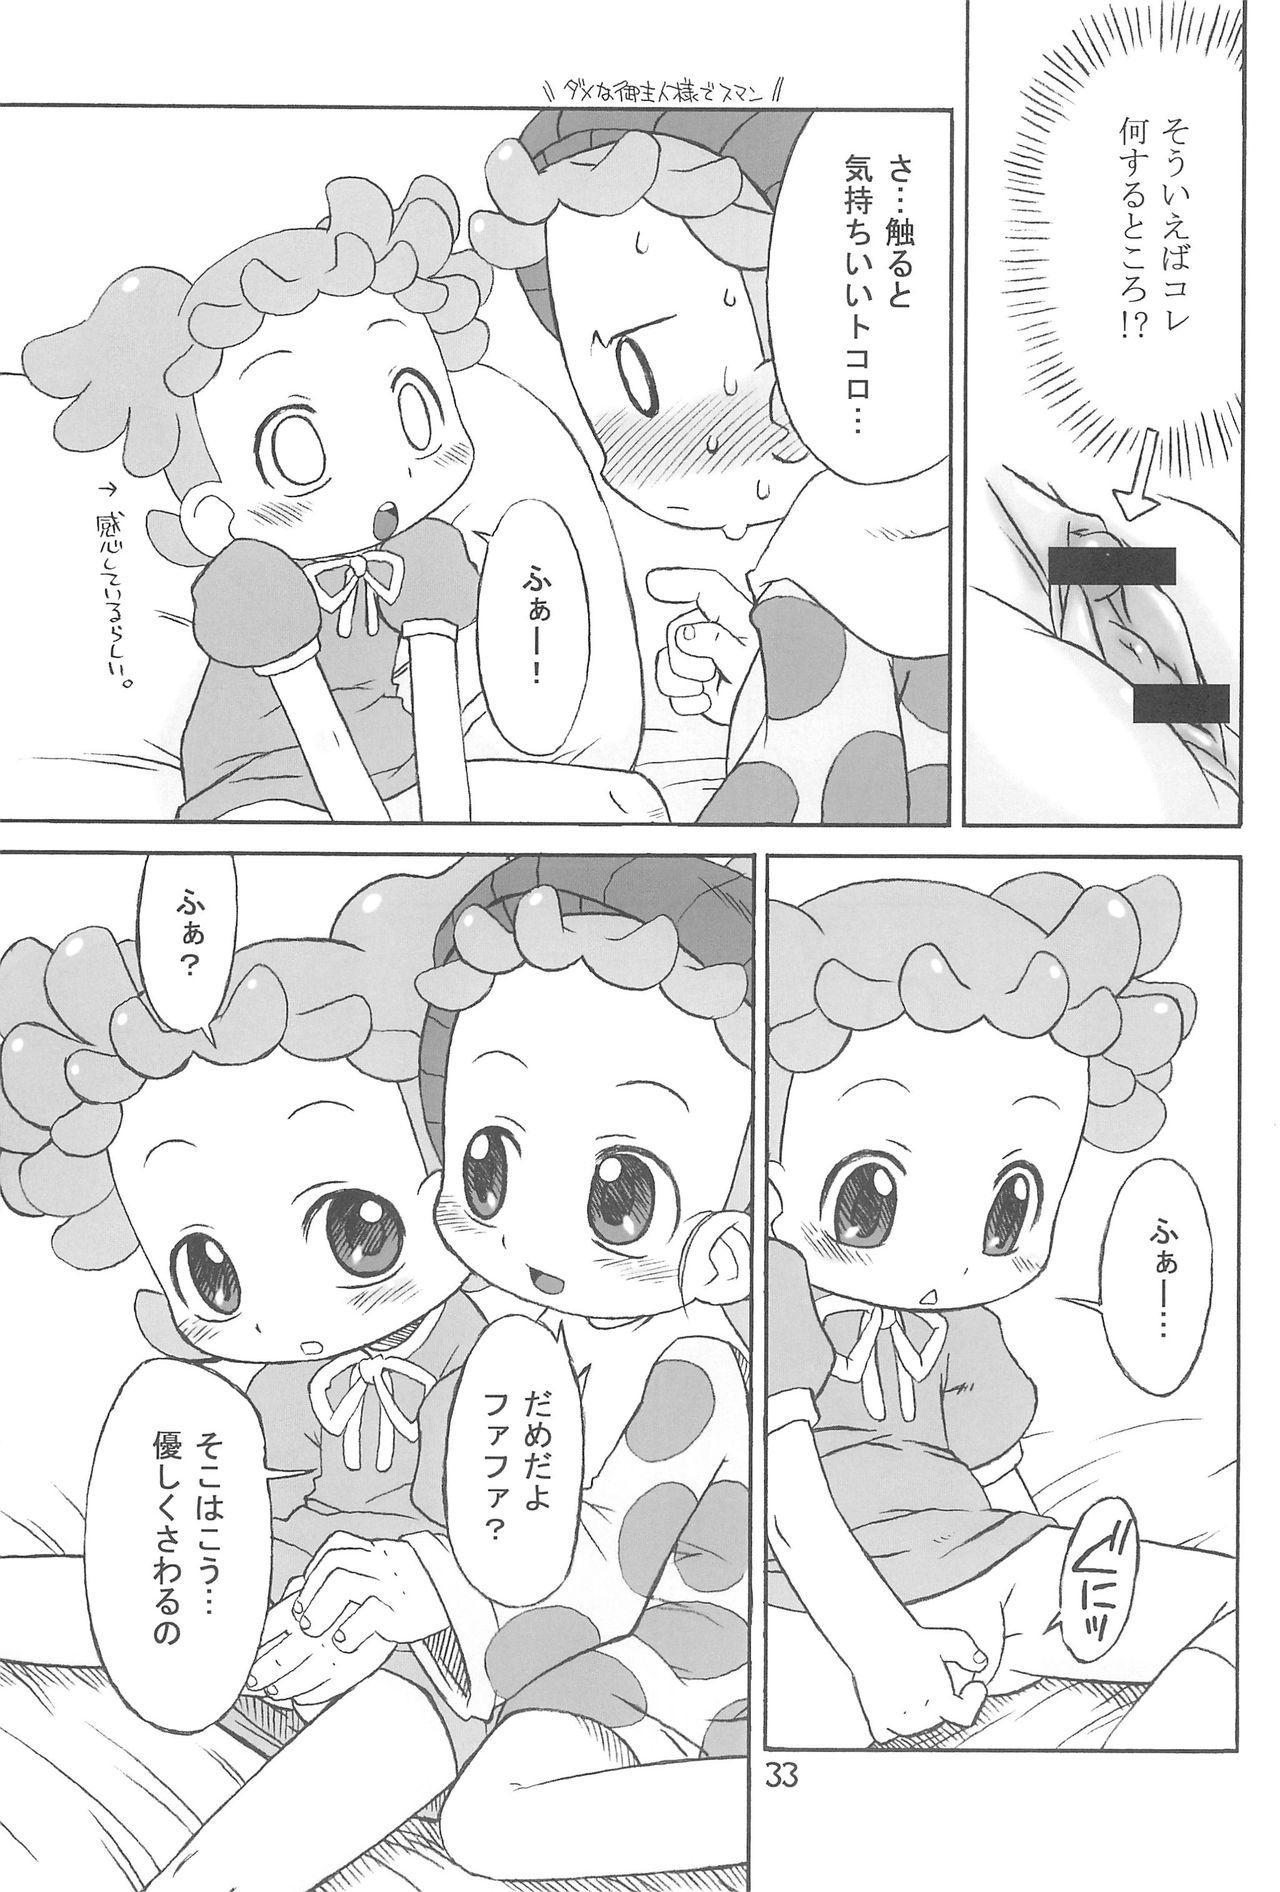 Tayorinai Bokura no Hateshinai Ashita. 32